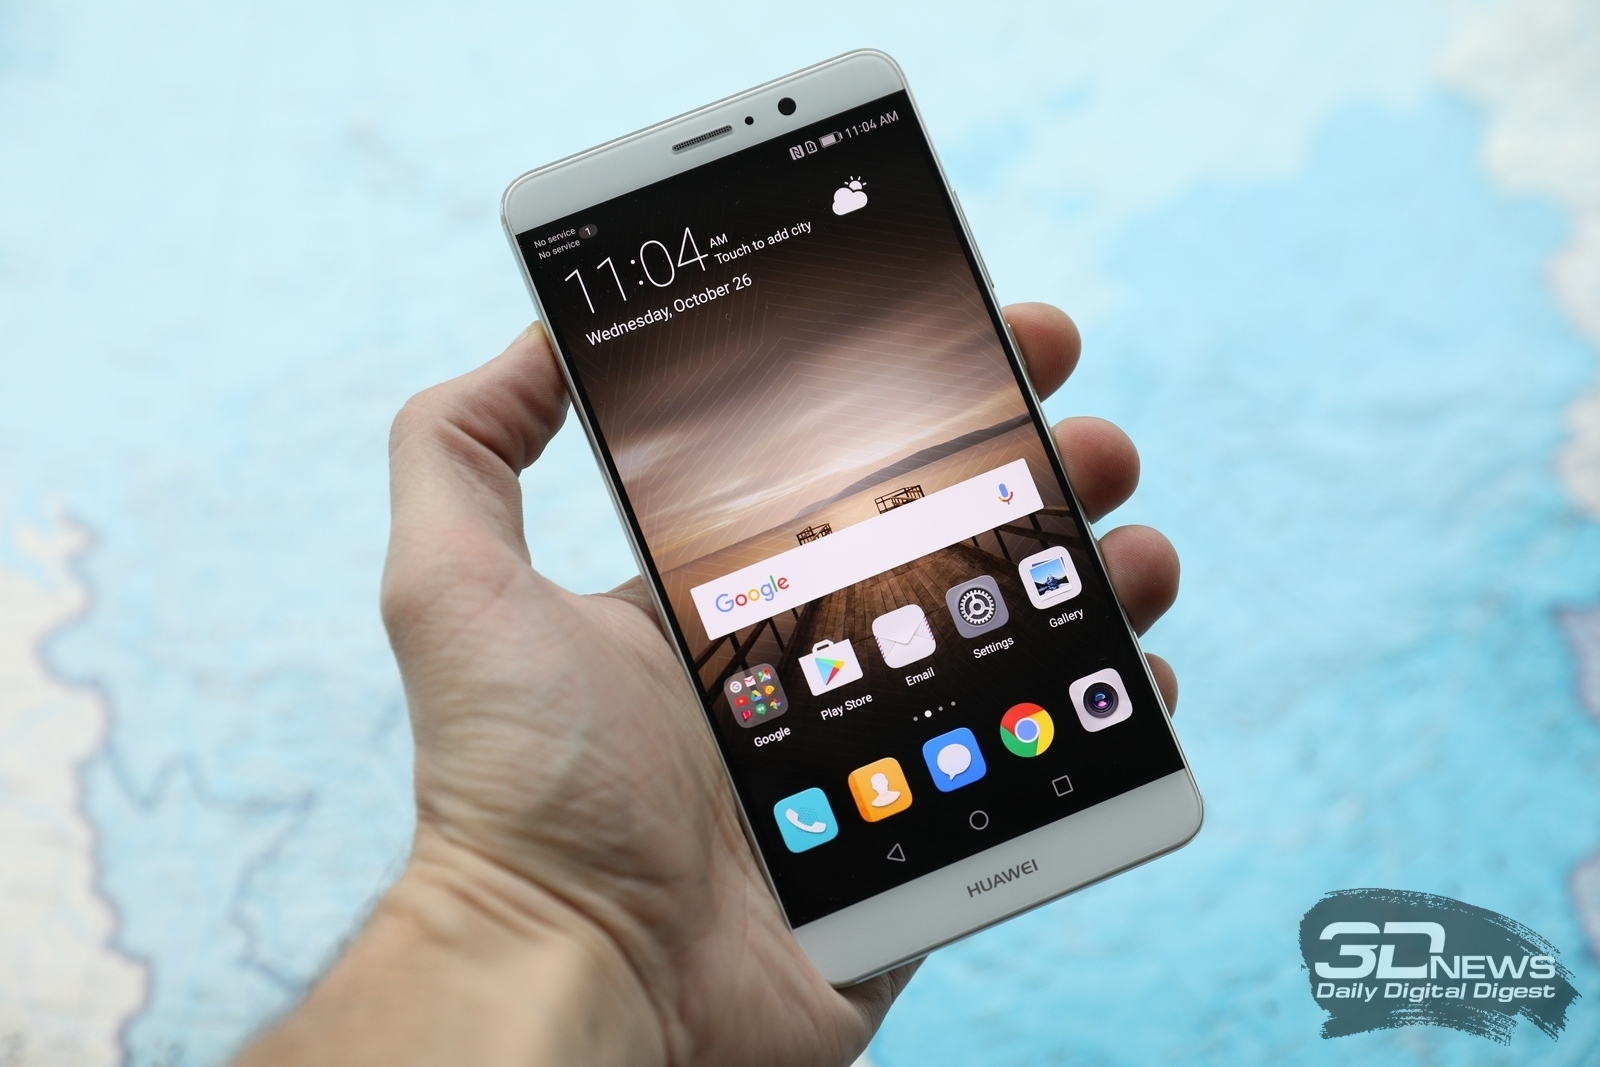 Huawei выпускает флагманские смартфоны без сервисов google. цены зашкаливают - cnews